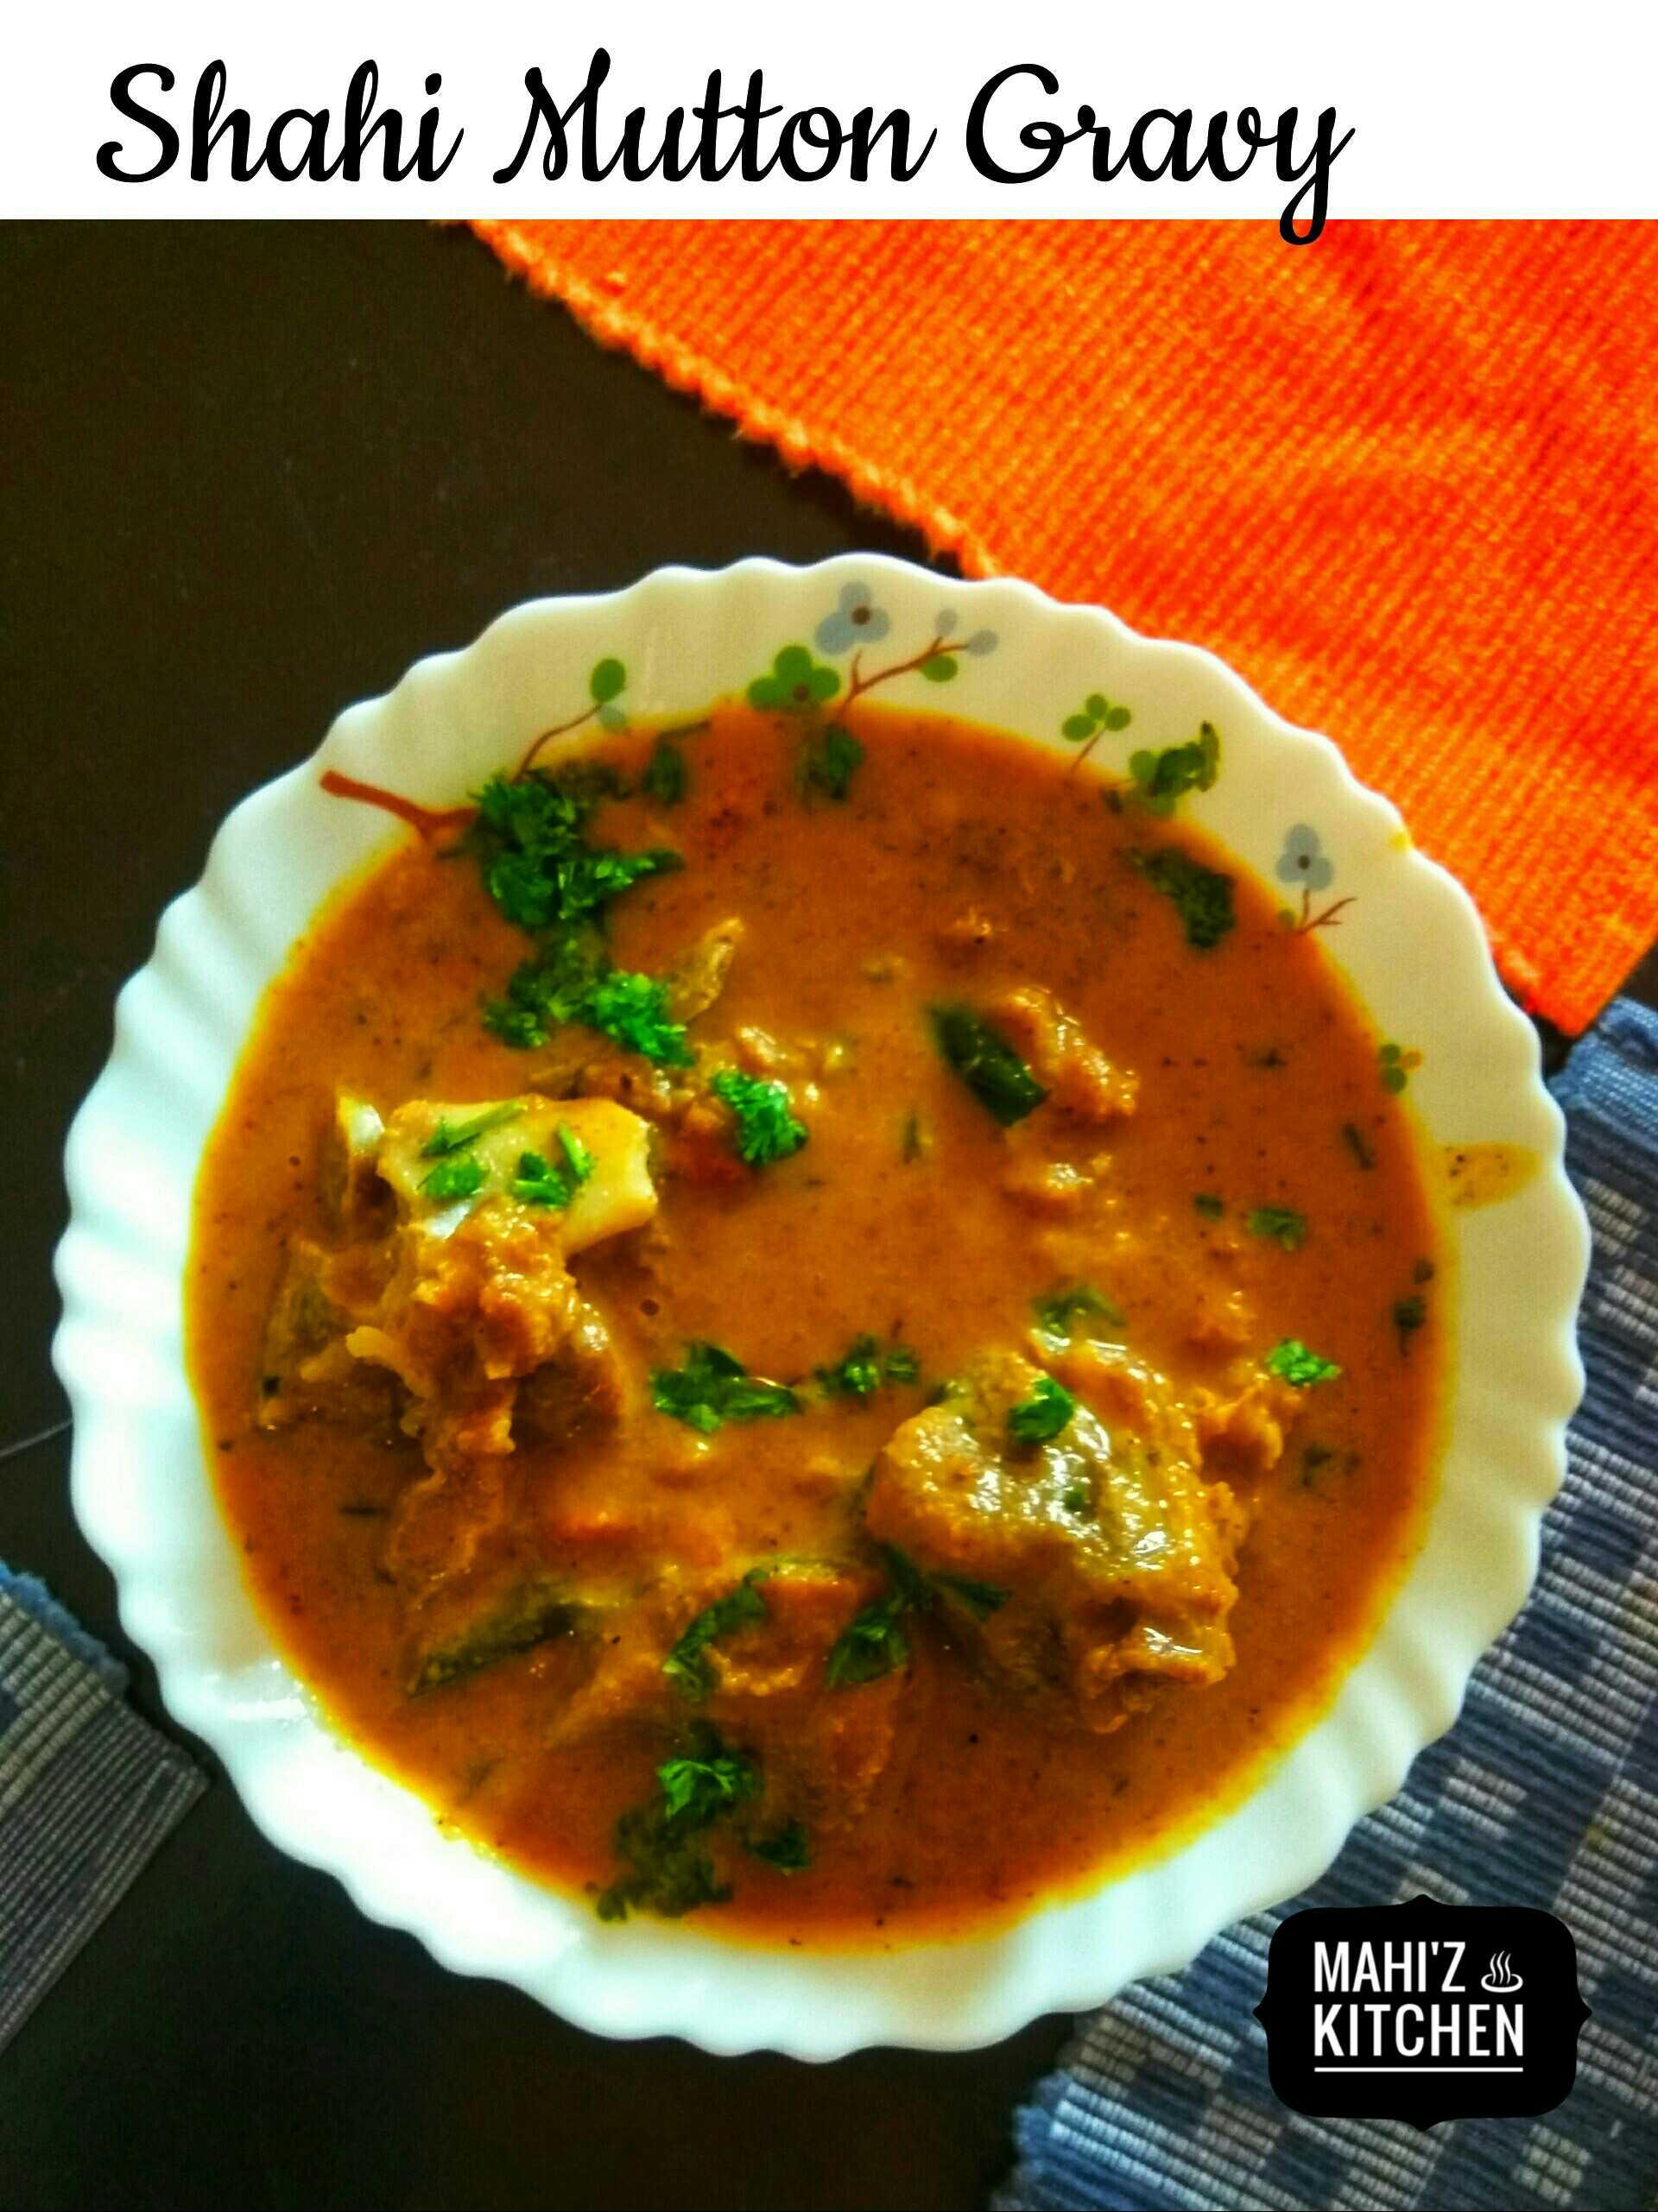 Shahi Mutton Gravy